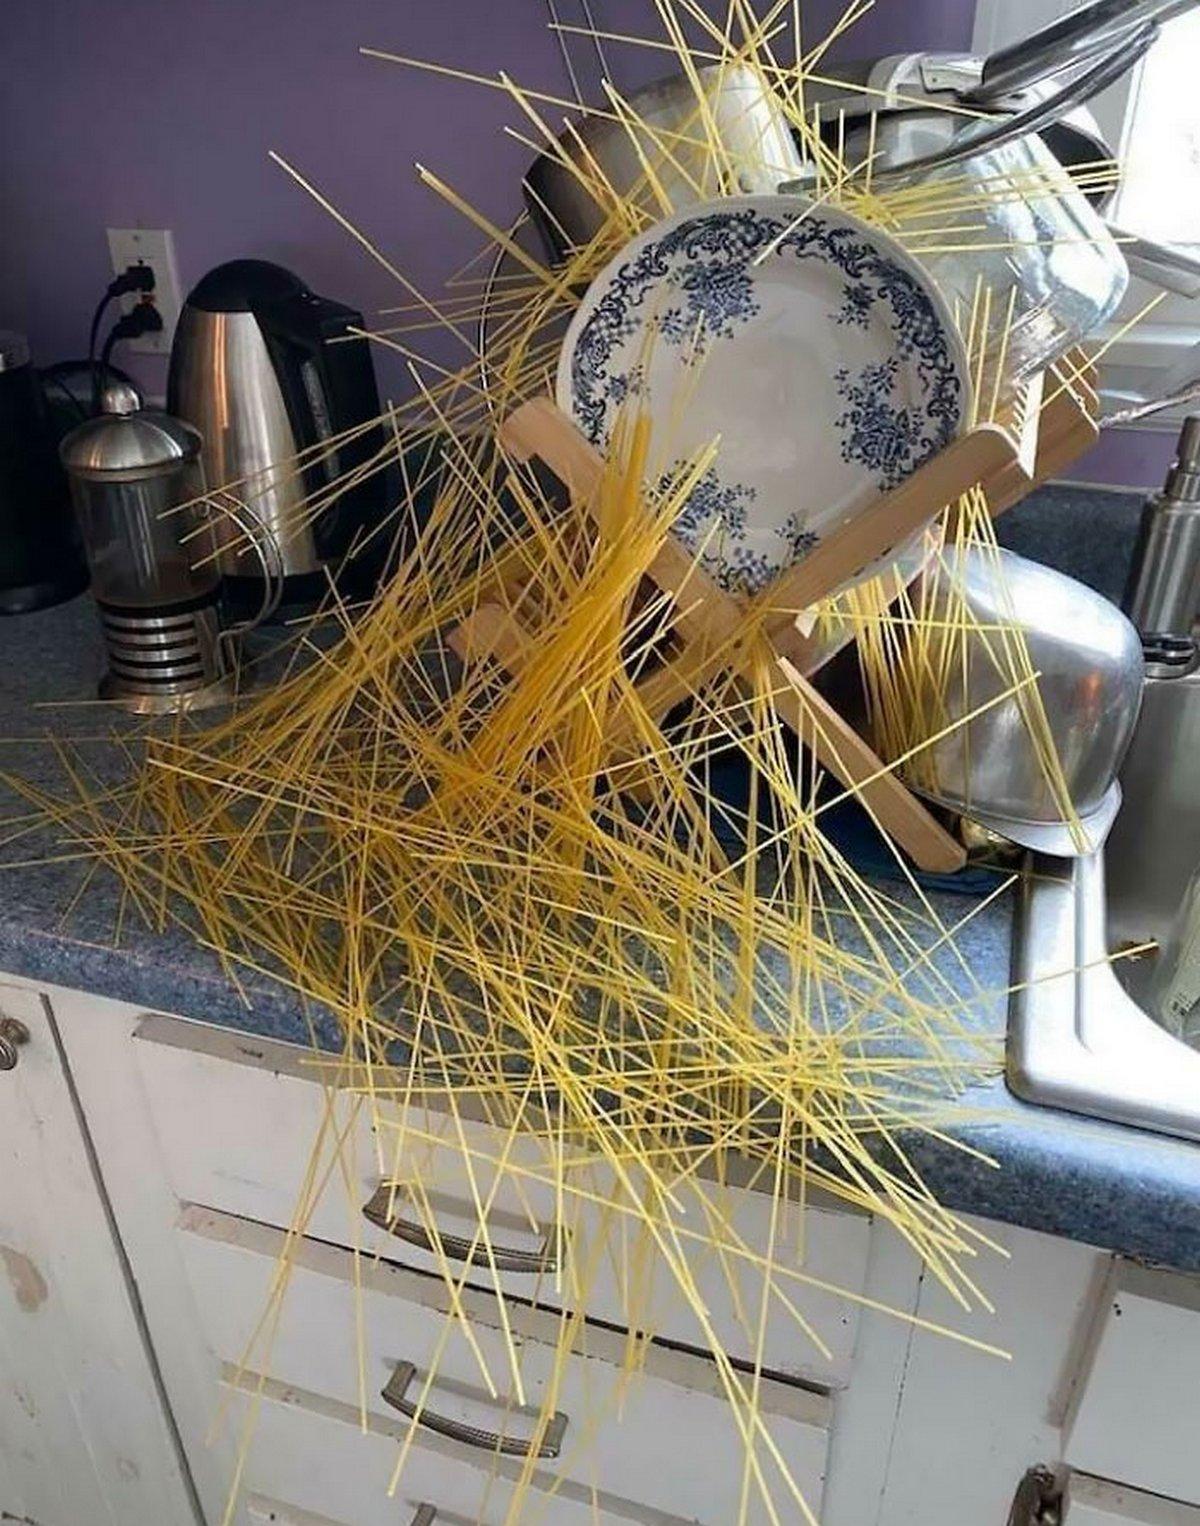 Ces gens ont échoué si lamentablement en cuisine qu'ils ont décidé de partager les photos en ligne